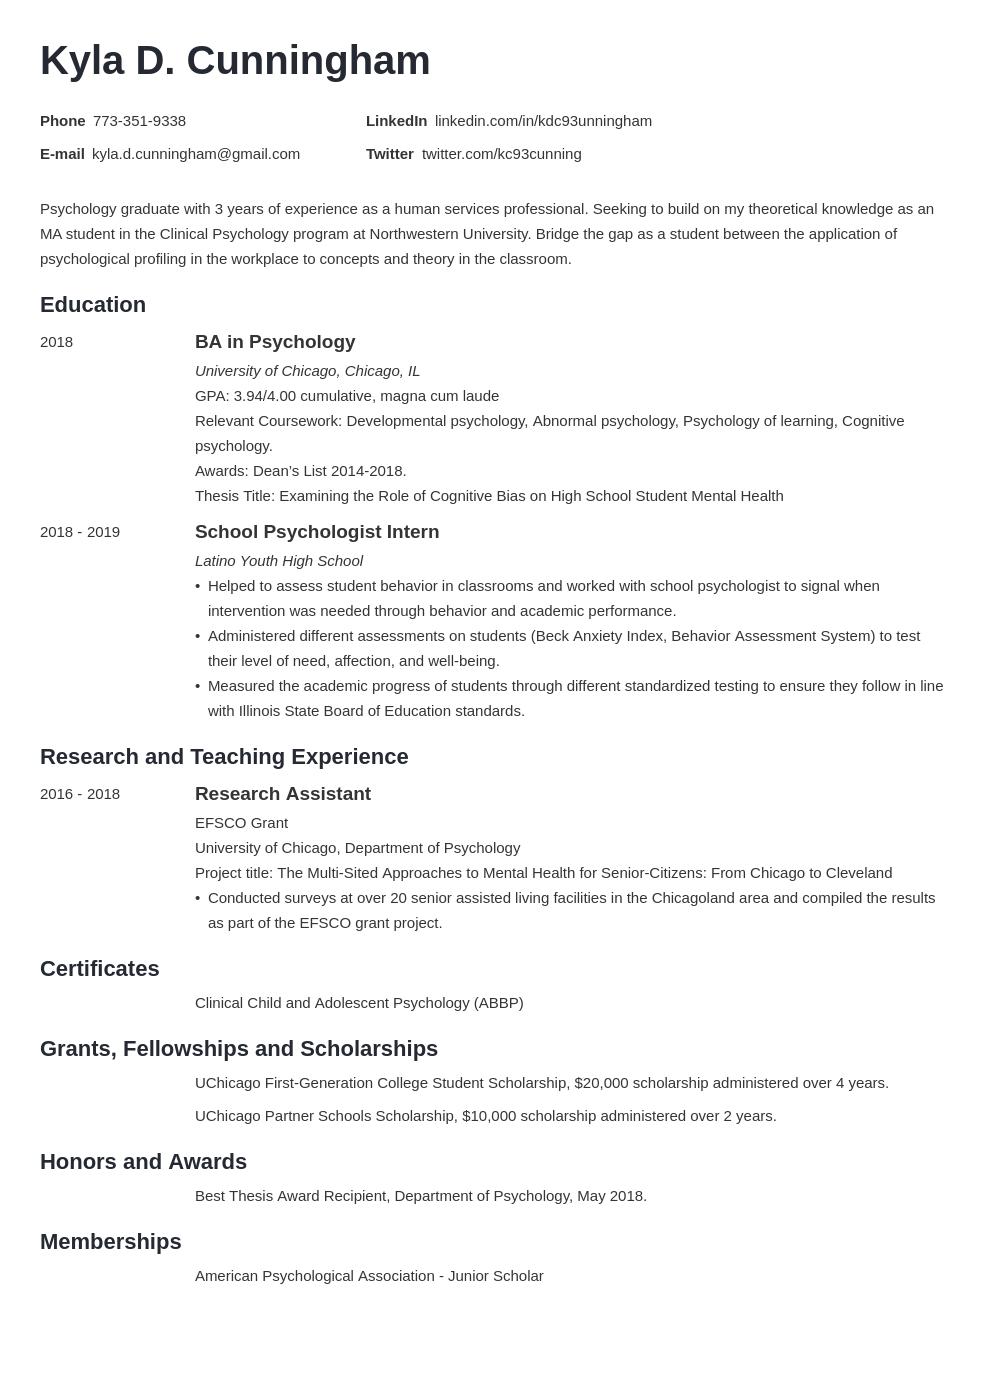 graduate school template minimo uk